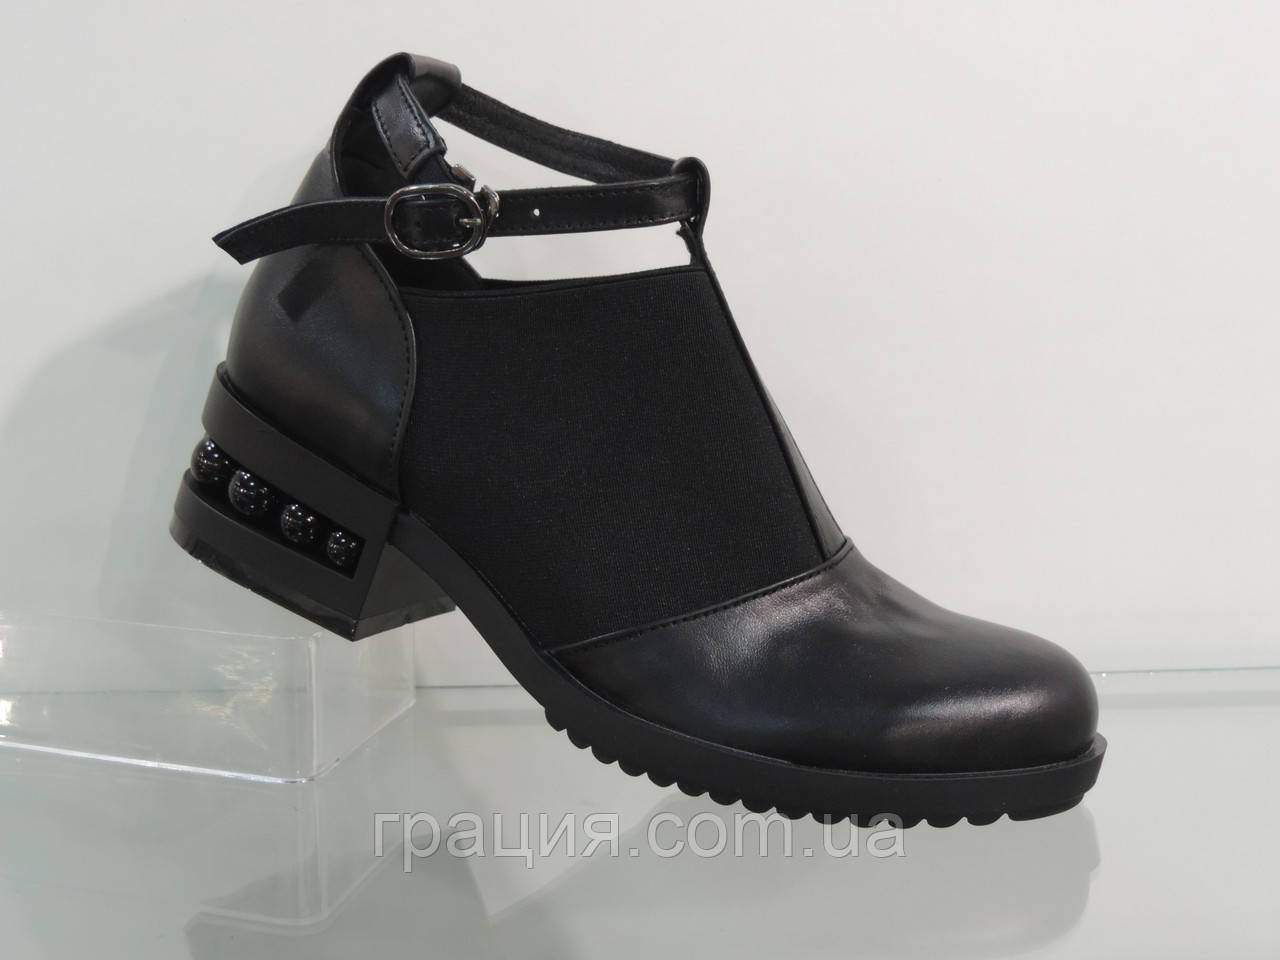 Туфли женские кожаные натуральные на не большем каблуке